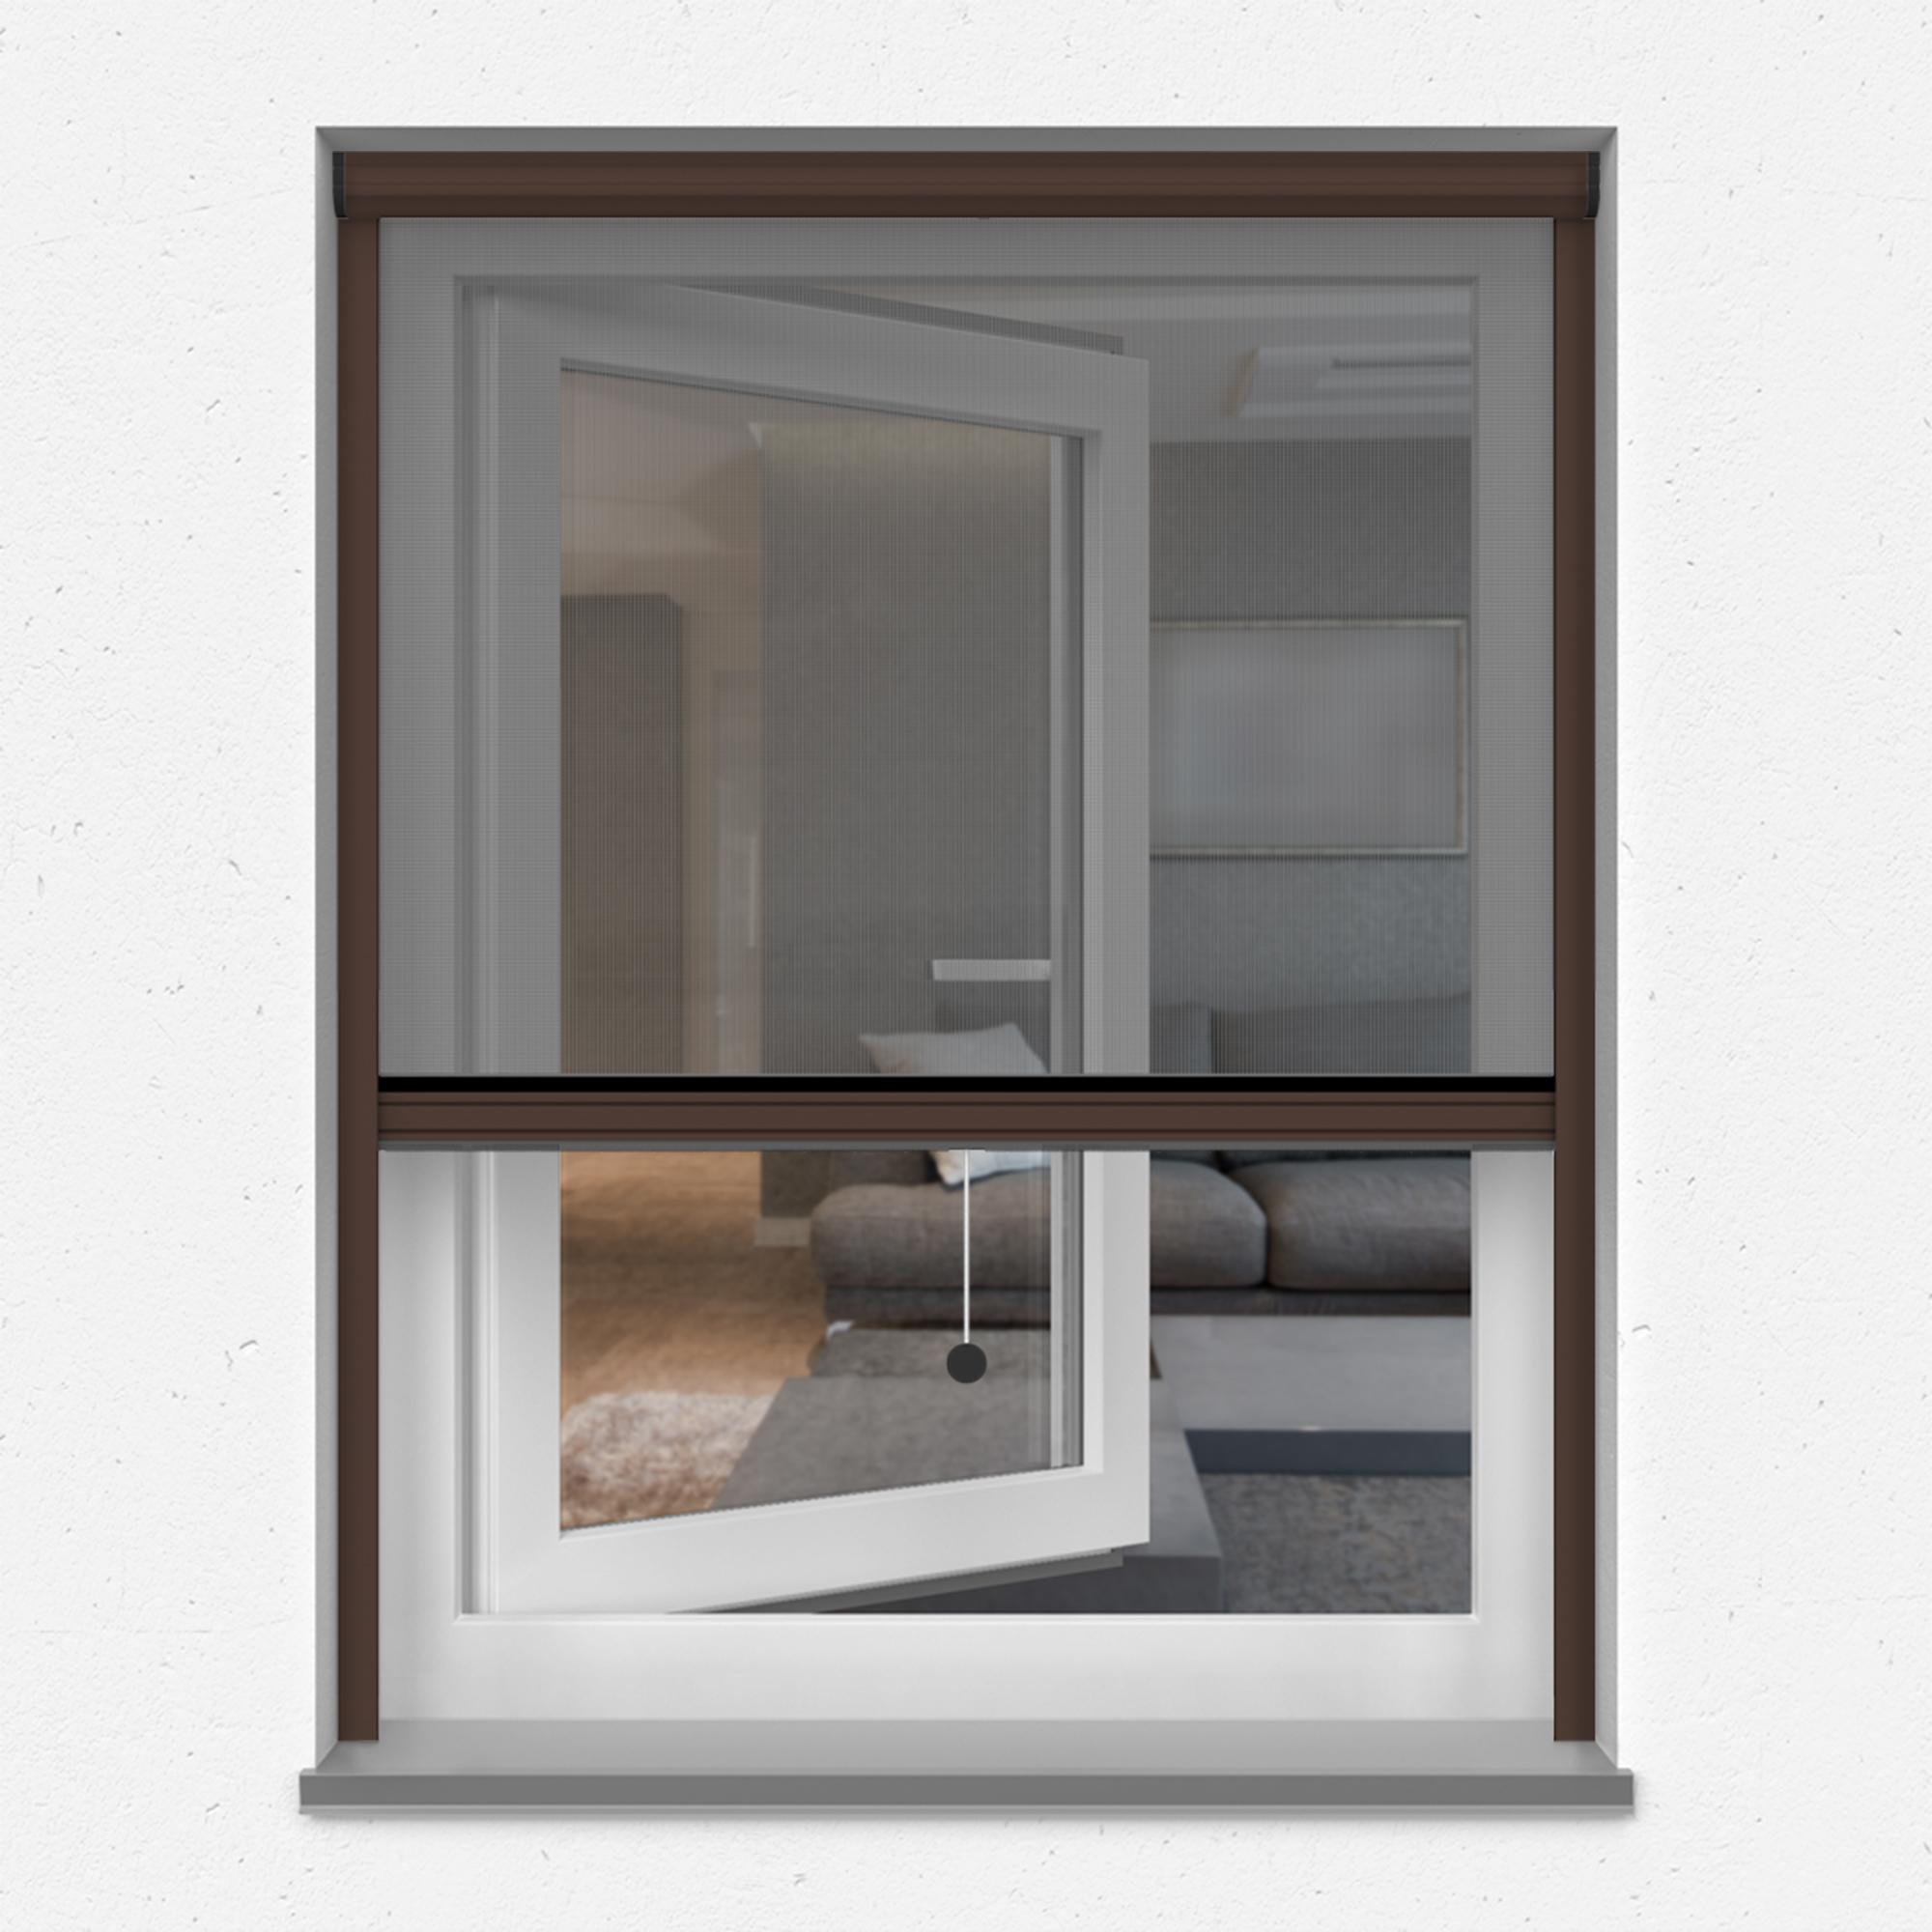 Fliegengitter-Insektenschutz-Rollo-Fenster-Insektenschutzrollo-Alu-Mueckenschutz Indexbild 31